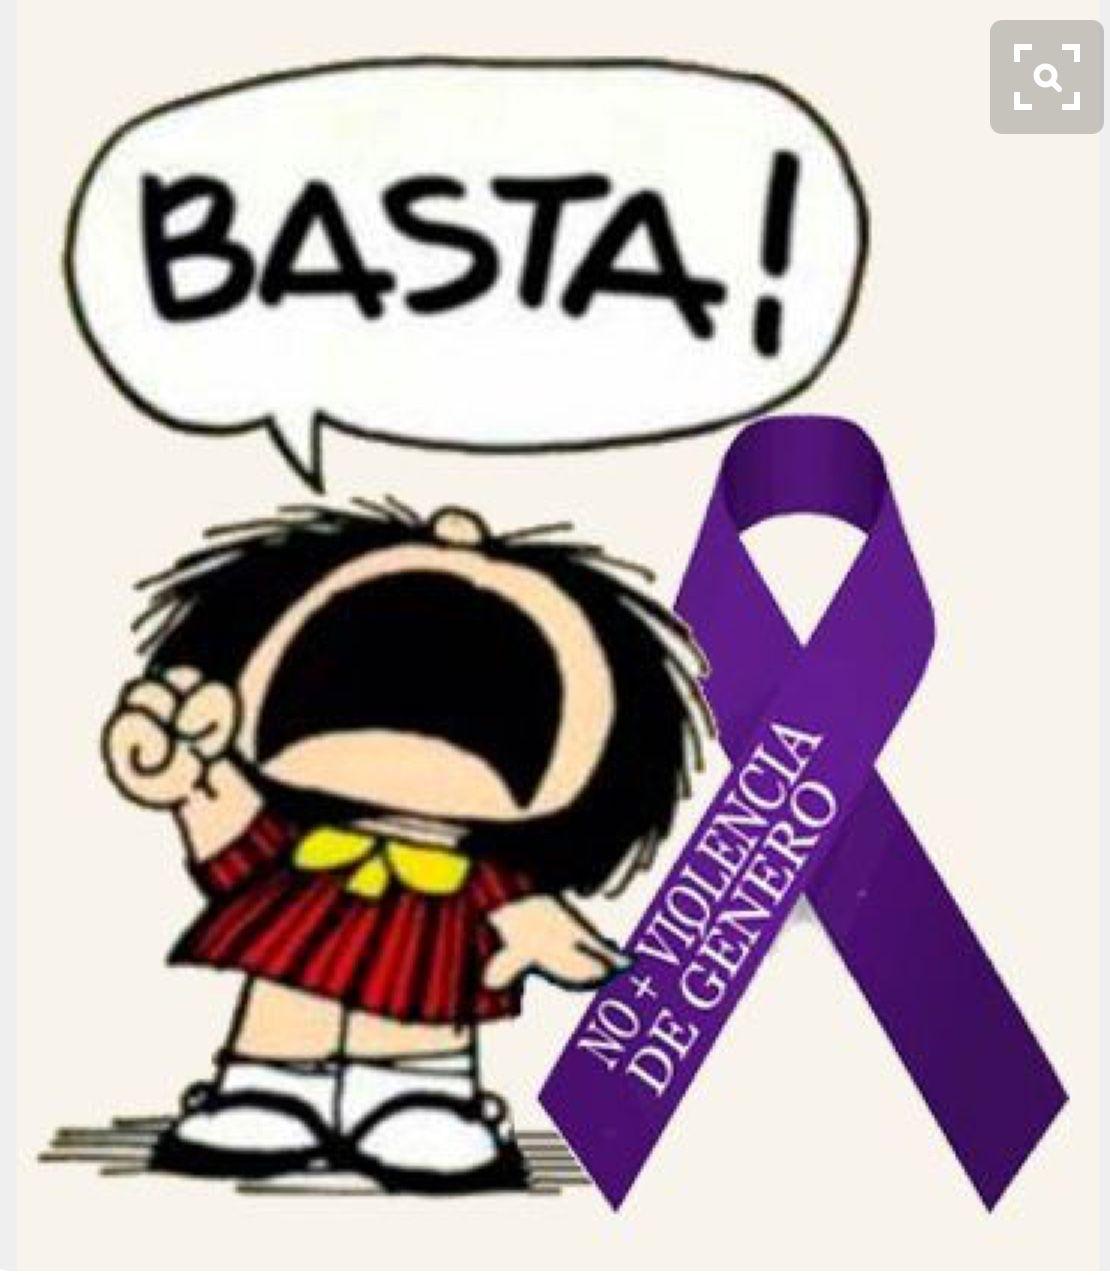 Basta Ya Chistes De Mafalda Mafalda Imagenes De Mafalda